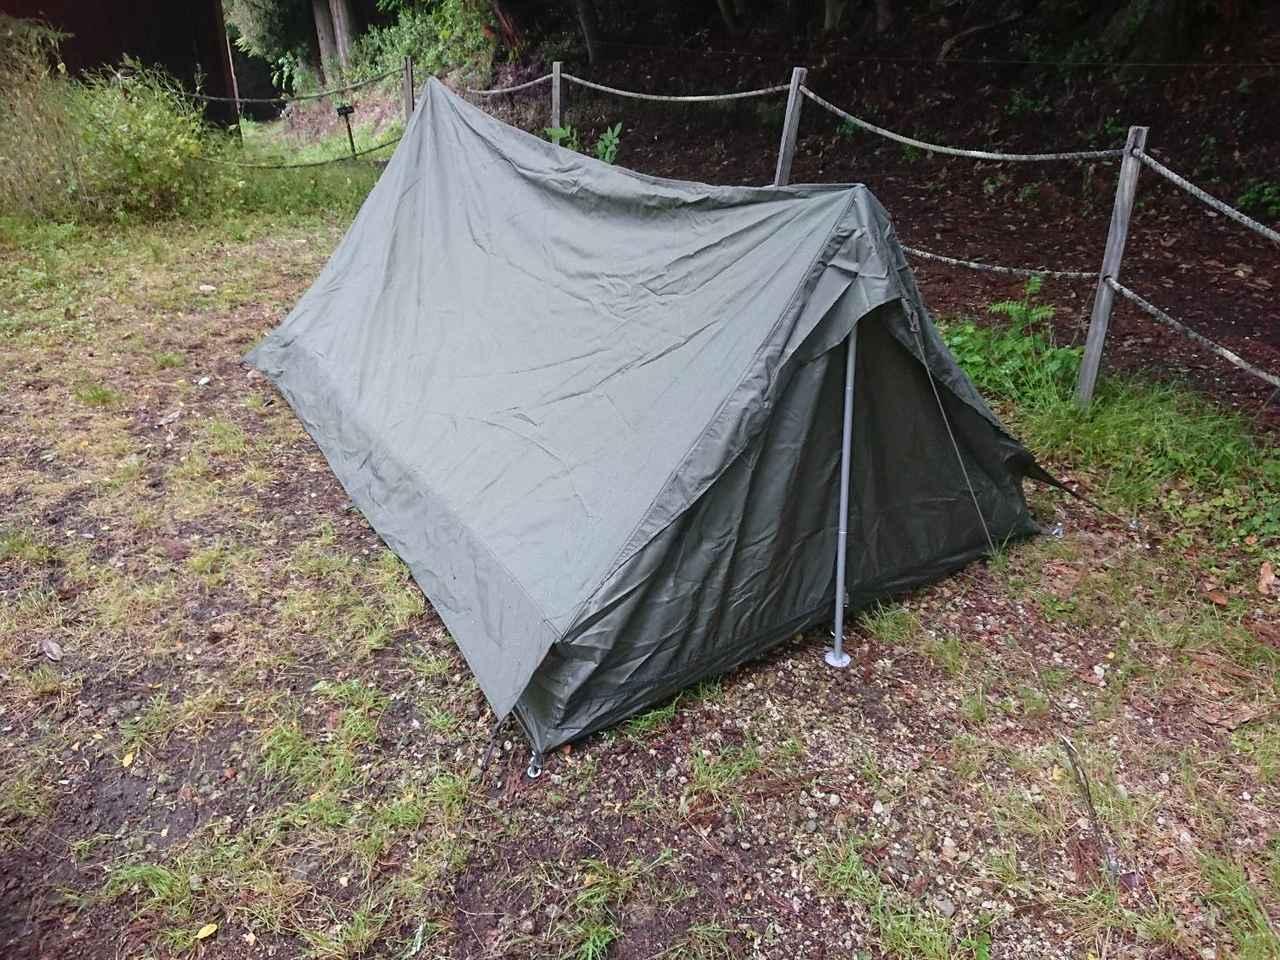 画像: 【F1テントレビュー】ソロキャンプにおすすめ! 被り知らずの最強軍用テントを使ってみた - ハピキャン(HAPPY CAMPER)